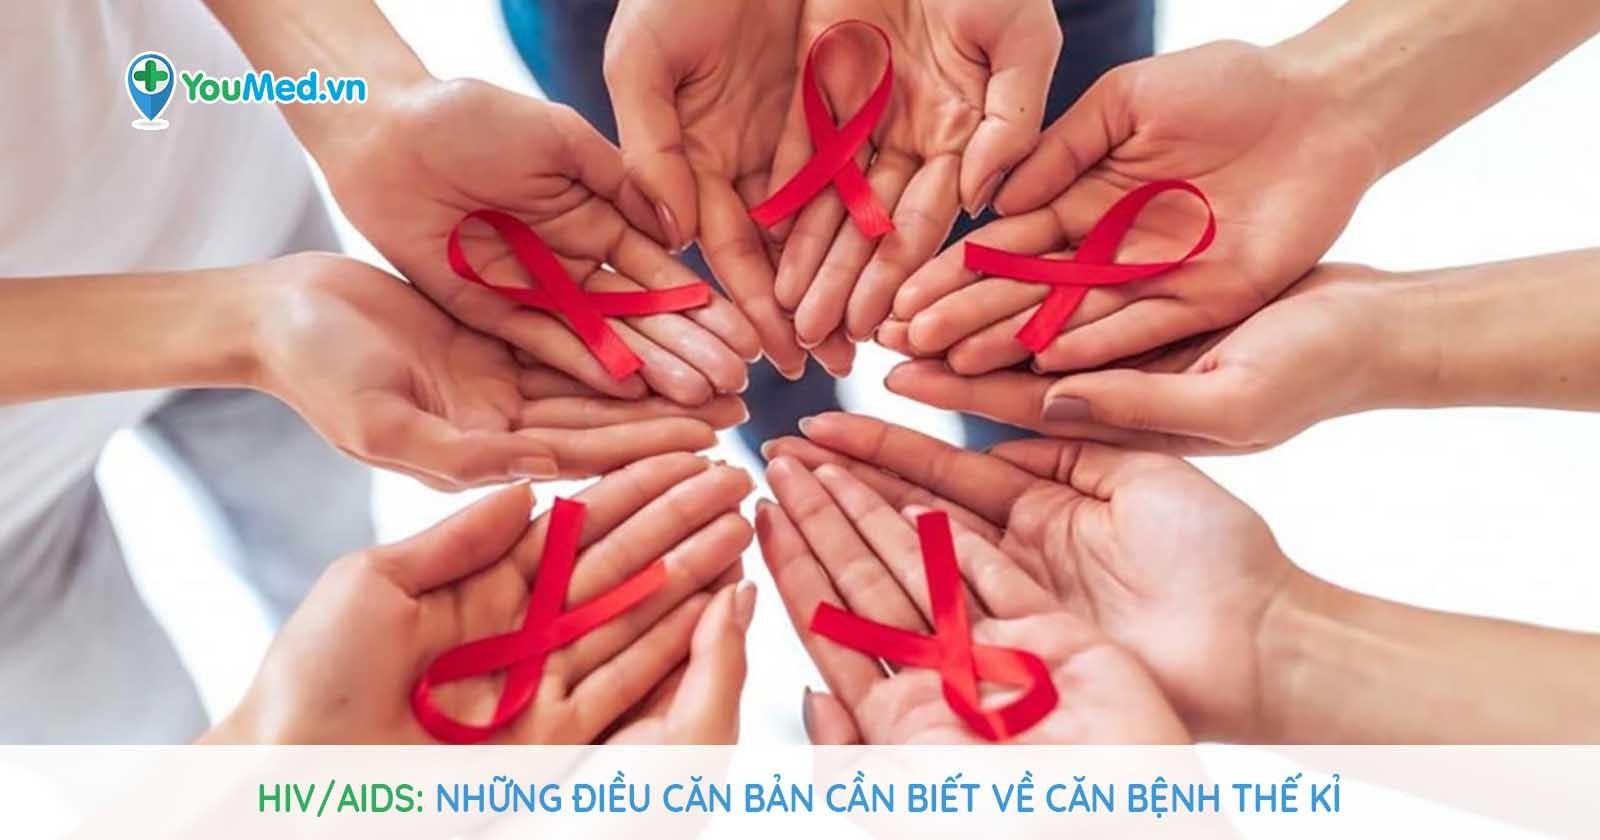 HIV/AIDS: Những điều căn bản cần biết về căn bệnh thế kỉ